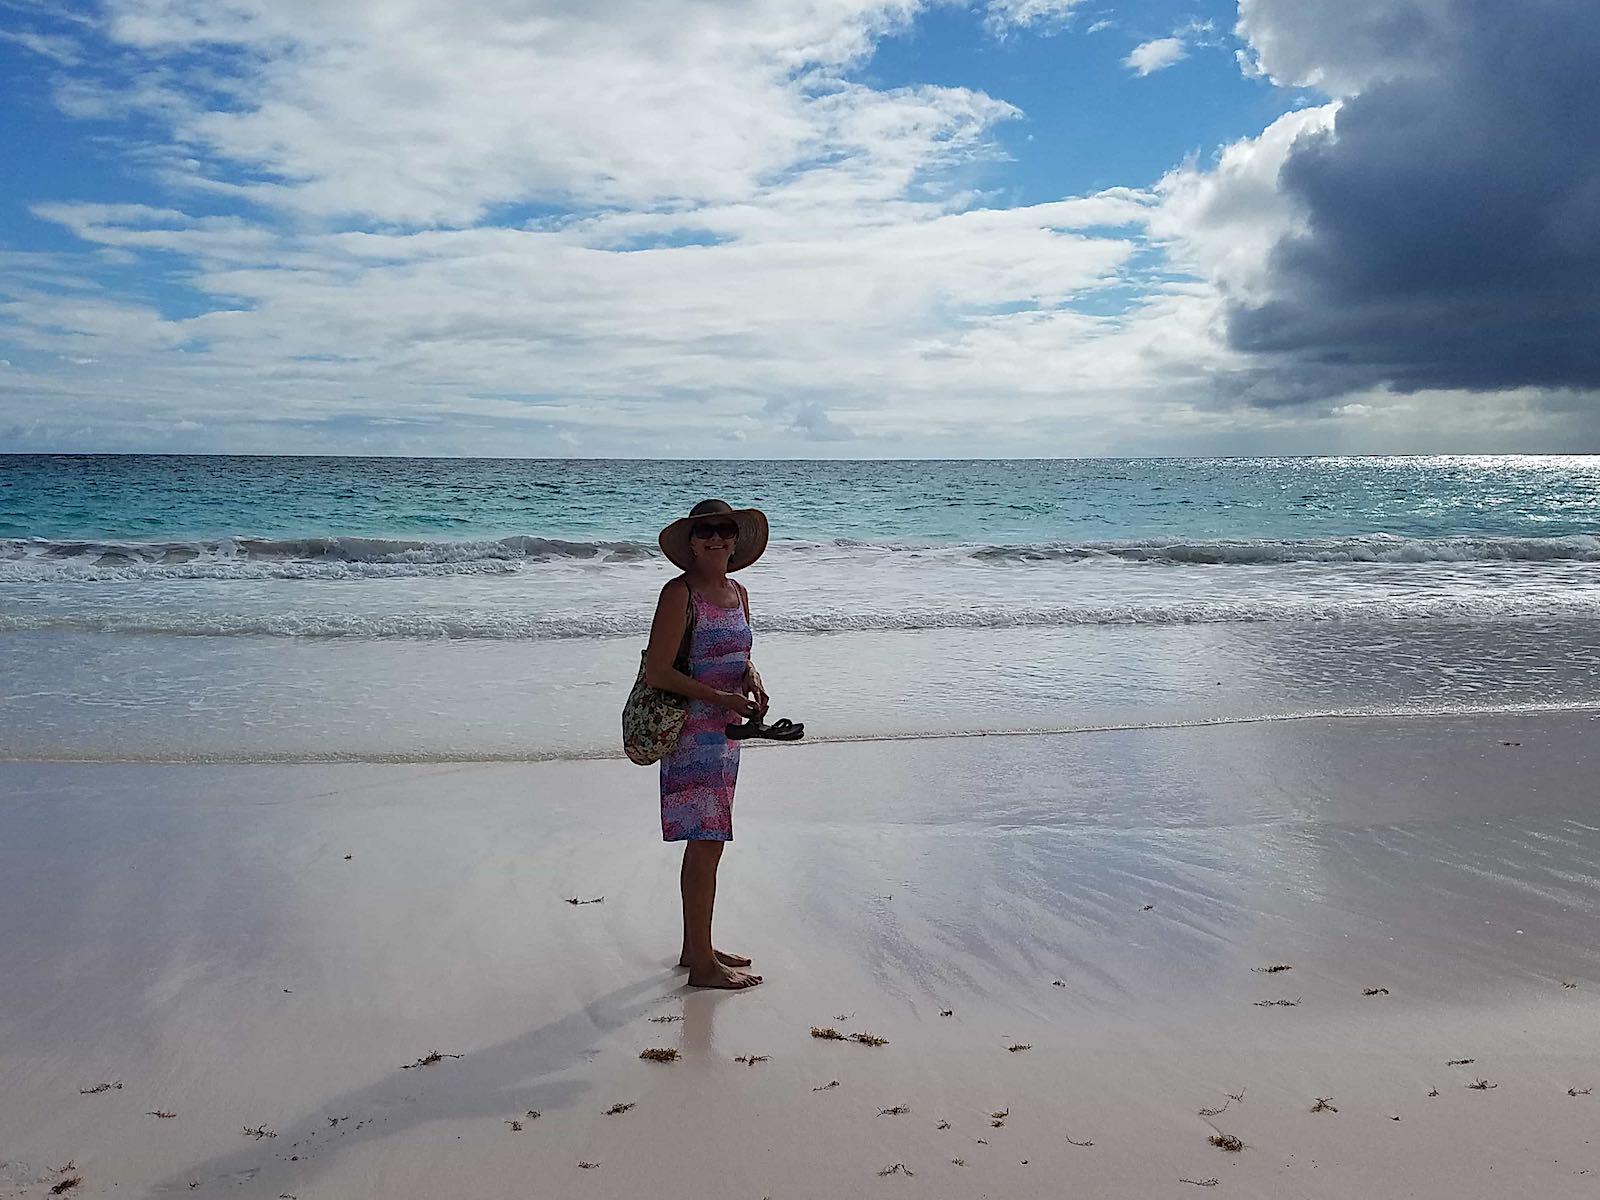 gail alone on the beach